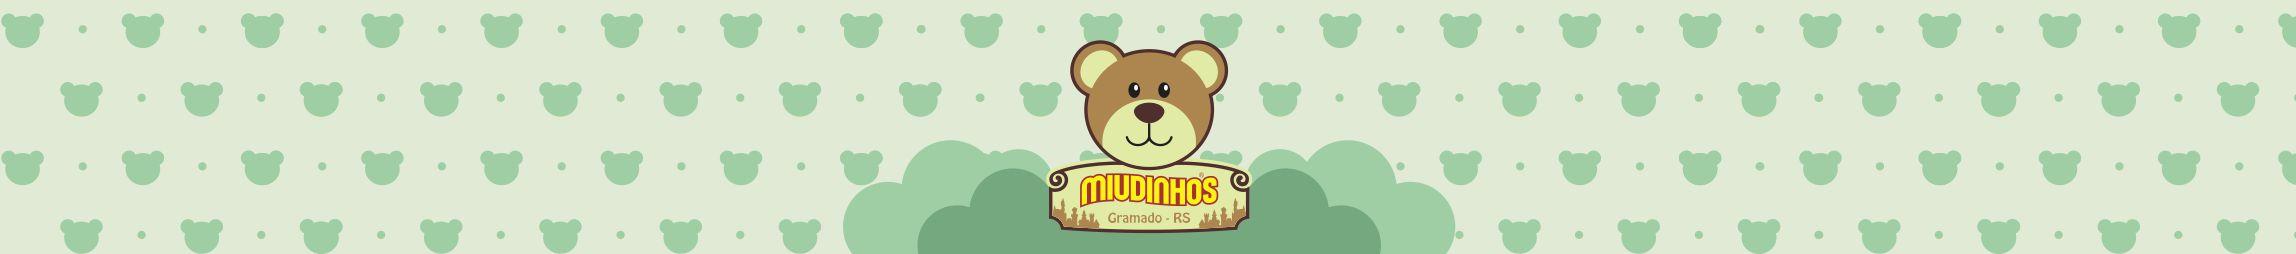 Miudinhos - Logo